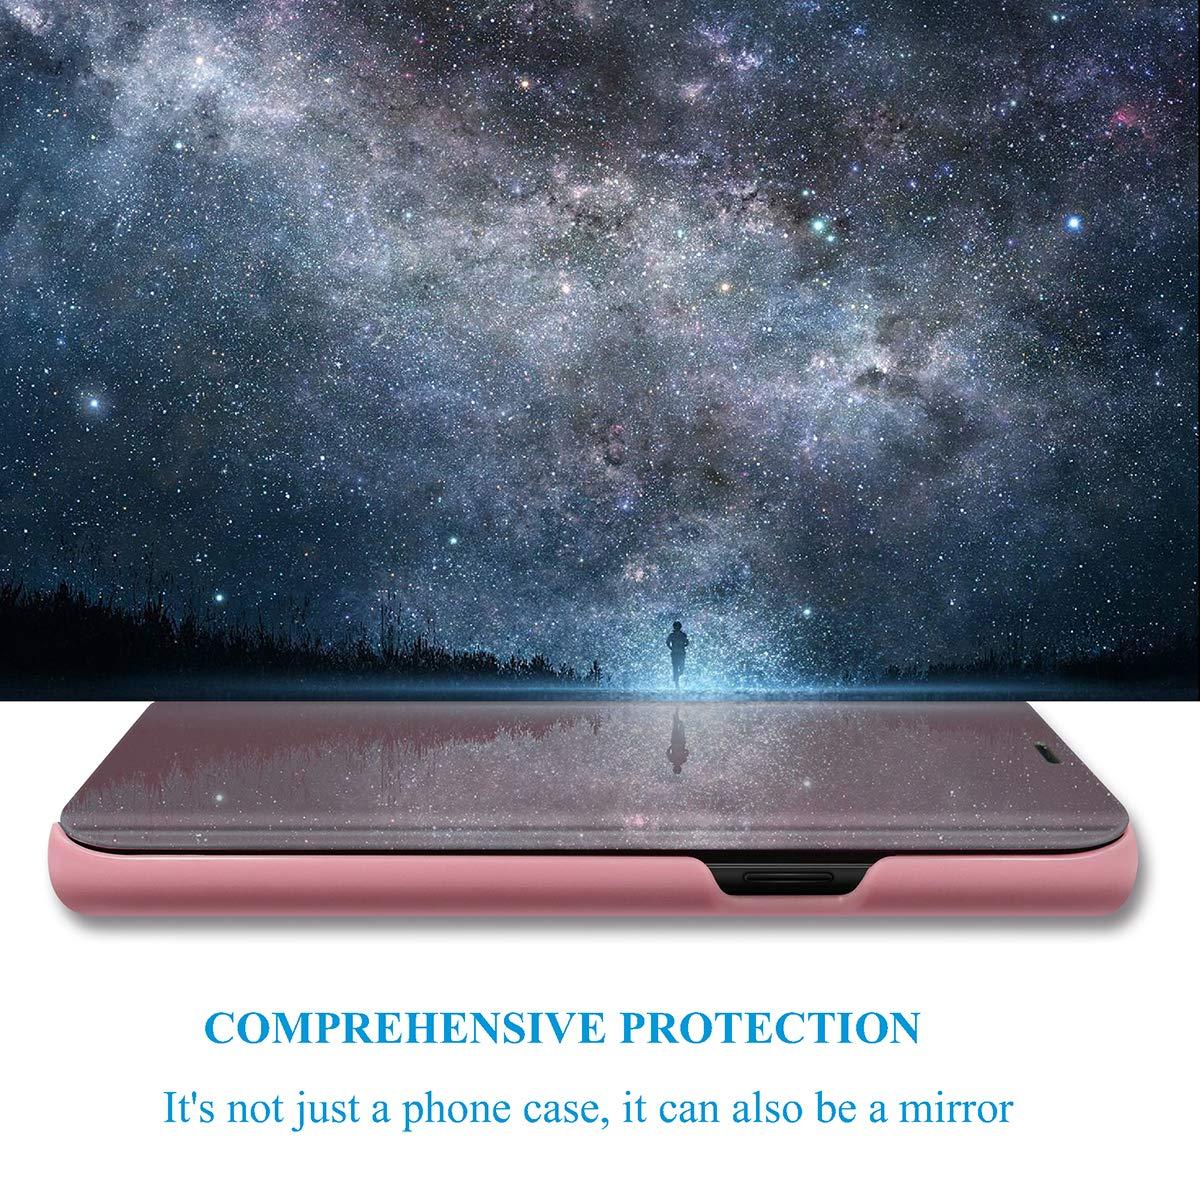 H/ülle f/ür Samsung Galaxy J7 2016 Handyh/ülle Spiegeln PU Leder Flip H/ülle St/änder Translucent View Spiegel /Überzug PC Schutzh/ülle mit Hart Standfunktion f/ür Samsung Galaxy J7 2016